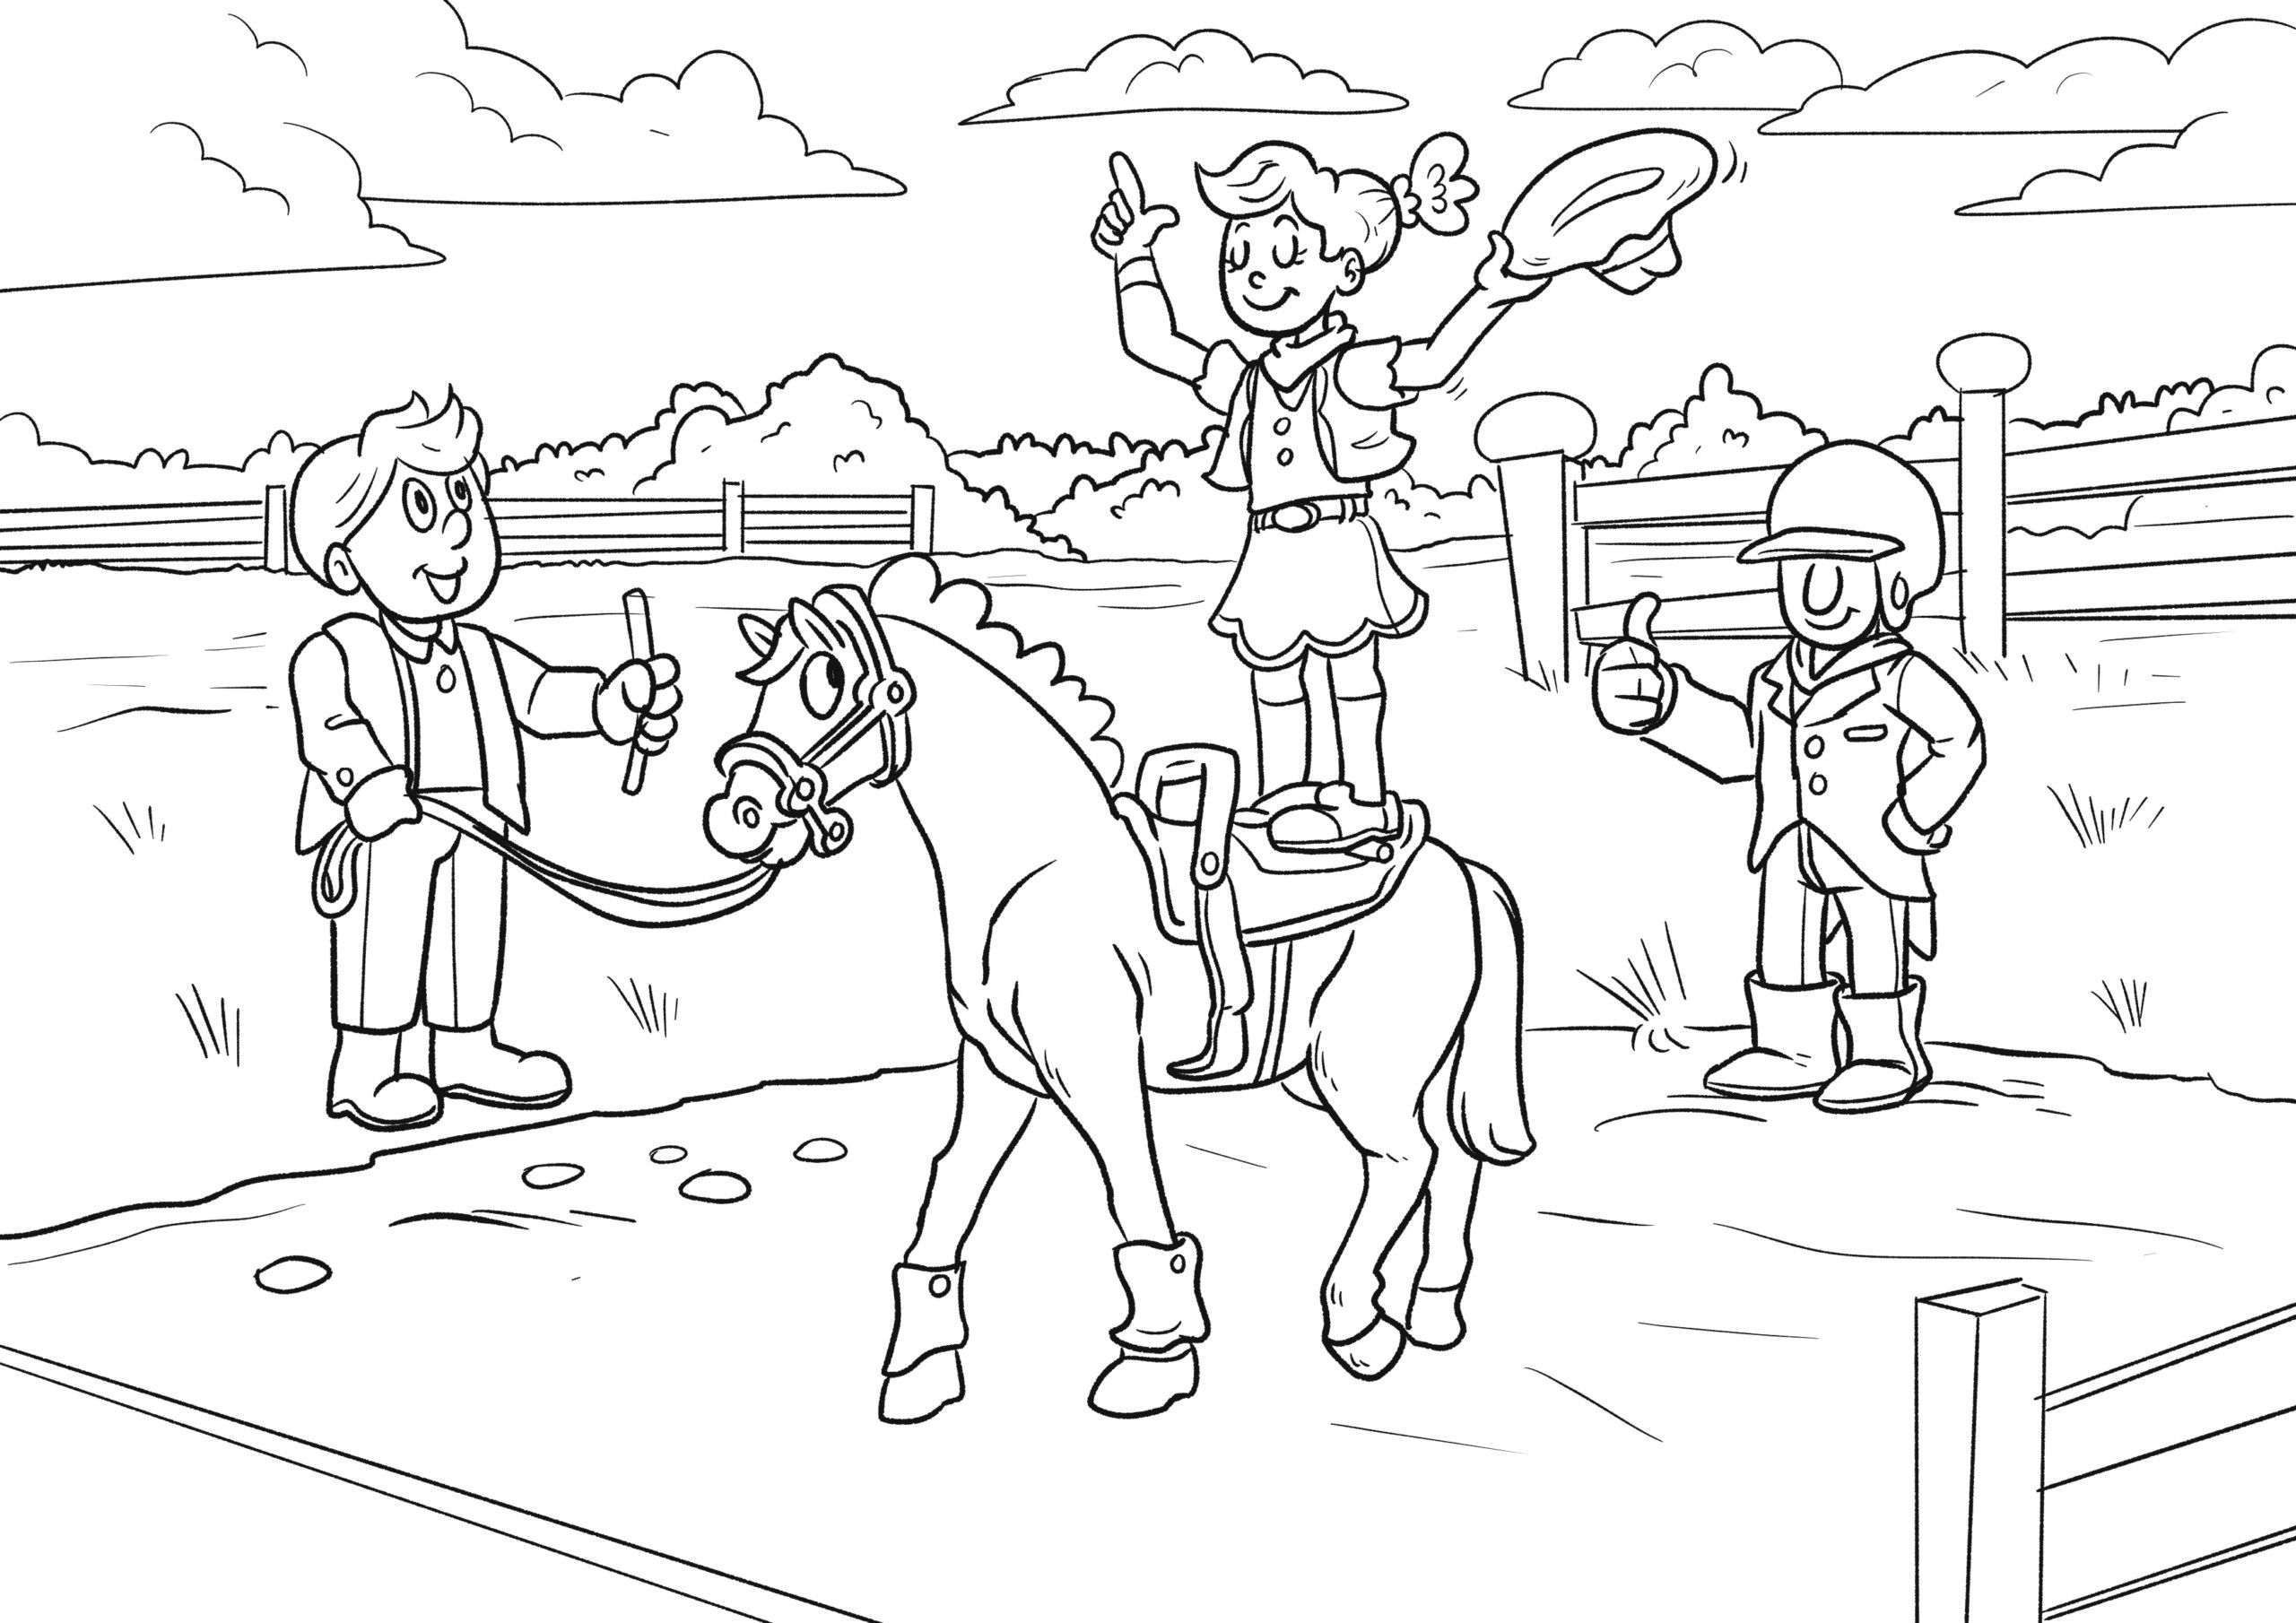 malvorlage voltigieren | reiten pferde - kostenlose